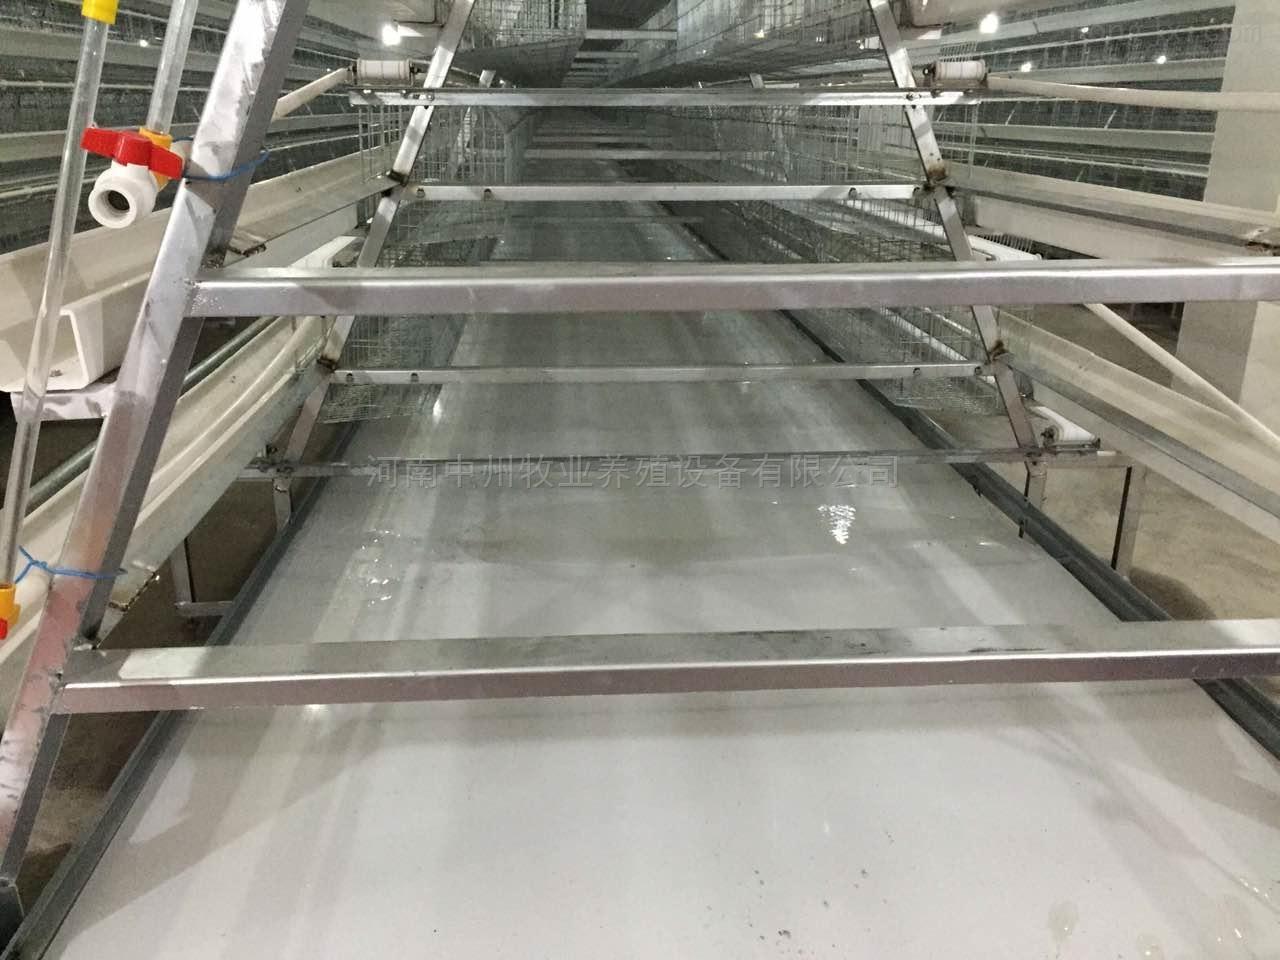 鸡笼厂 自动平带清粪机 专业清粪设备  环保高效